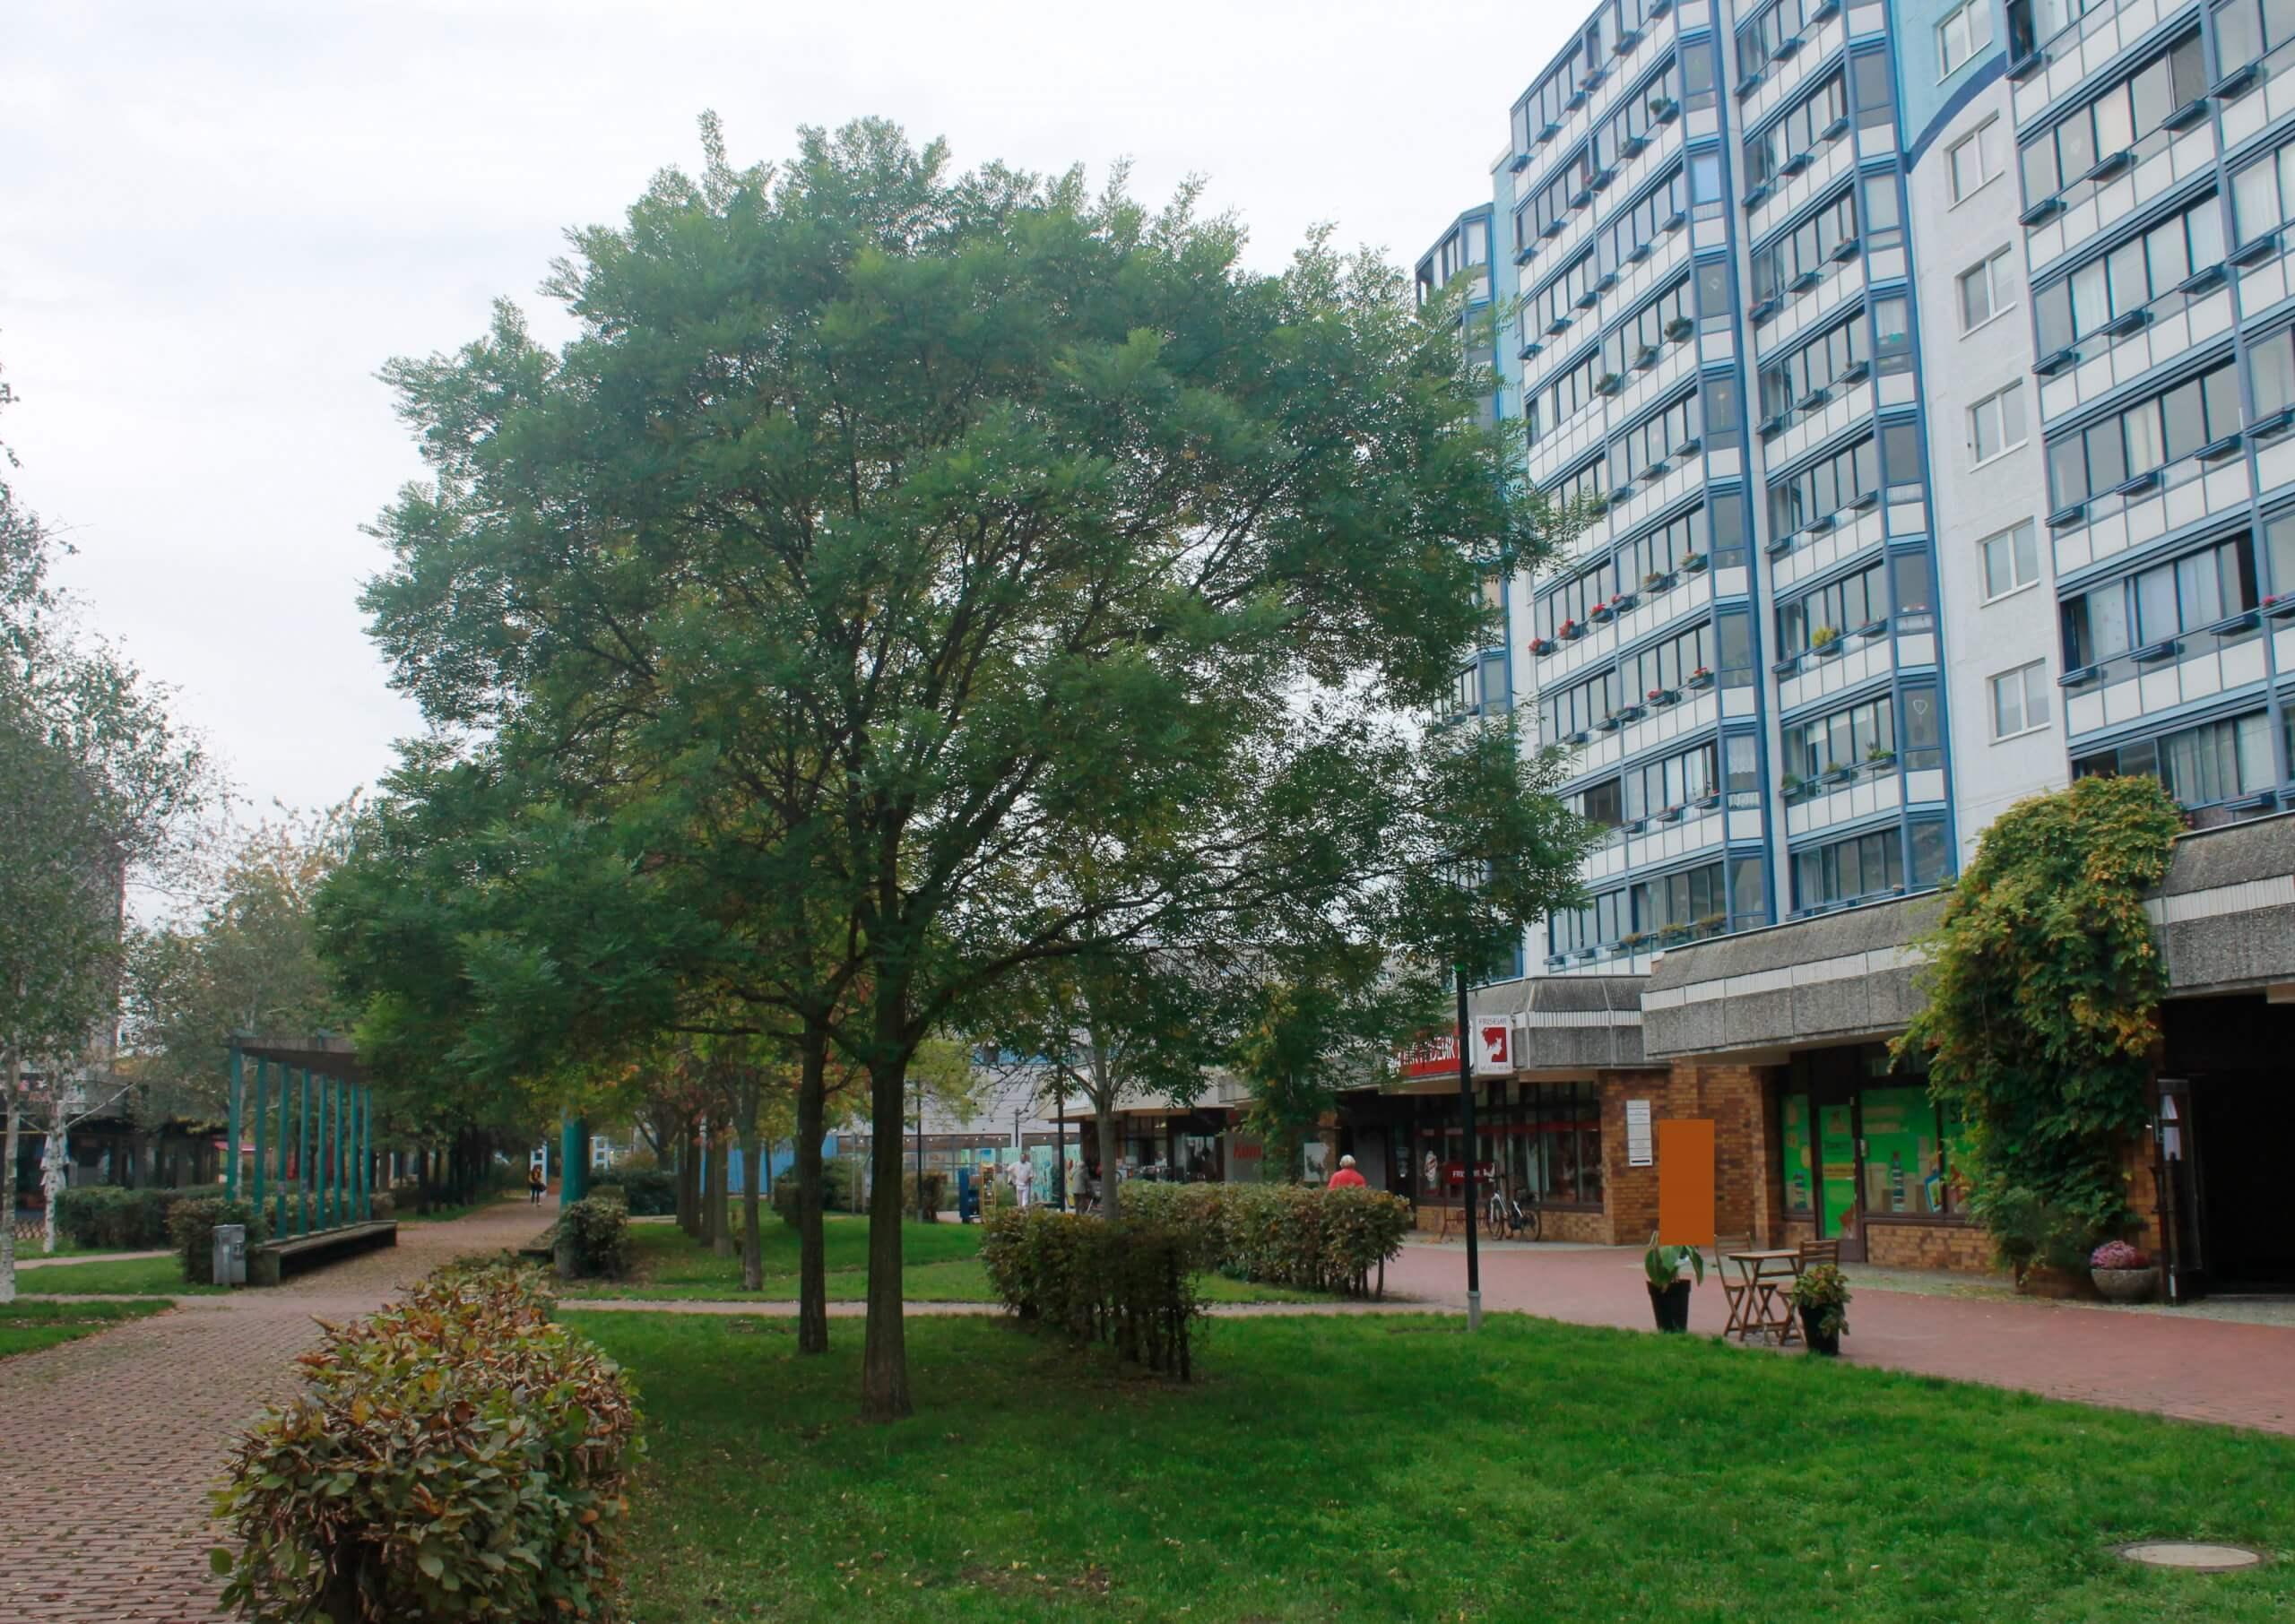 Das Bild zeigt in Reihe gepflanzte Schnurbäume im zentralen Grünzug des Kosmosviertels etwa in Höhe des Kiezladens WaMa.